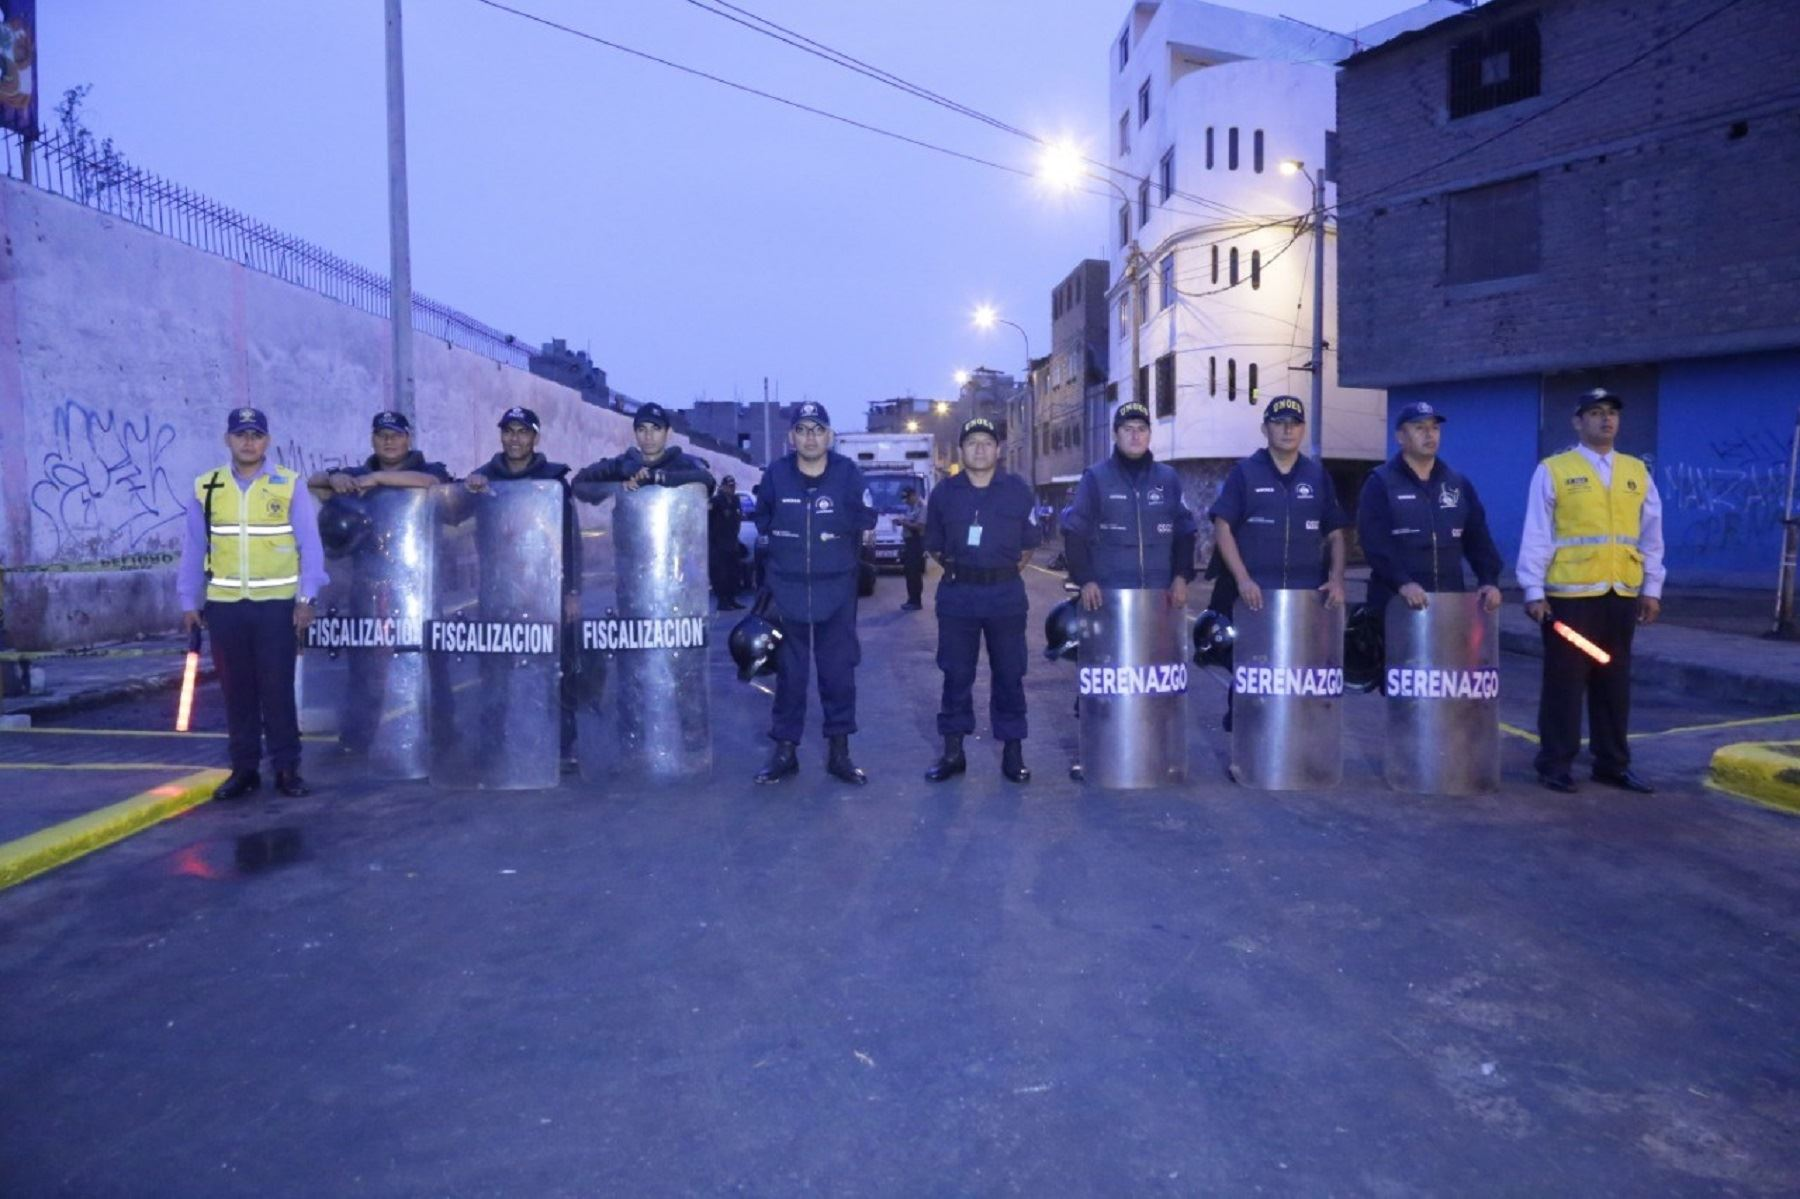 La Municipalidad de Lima recuperó espacios públicos en la urbanización Manzanilla, en el Cercado, ocupados por comerciantes informales que obstruían el libre tránsito peatonal y vehicular.